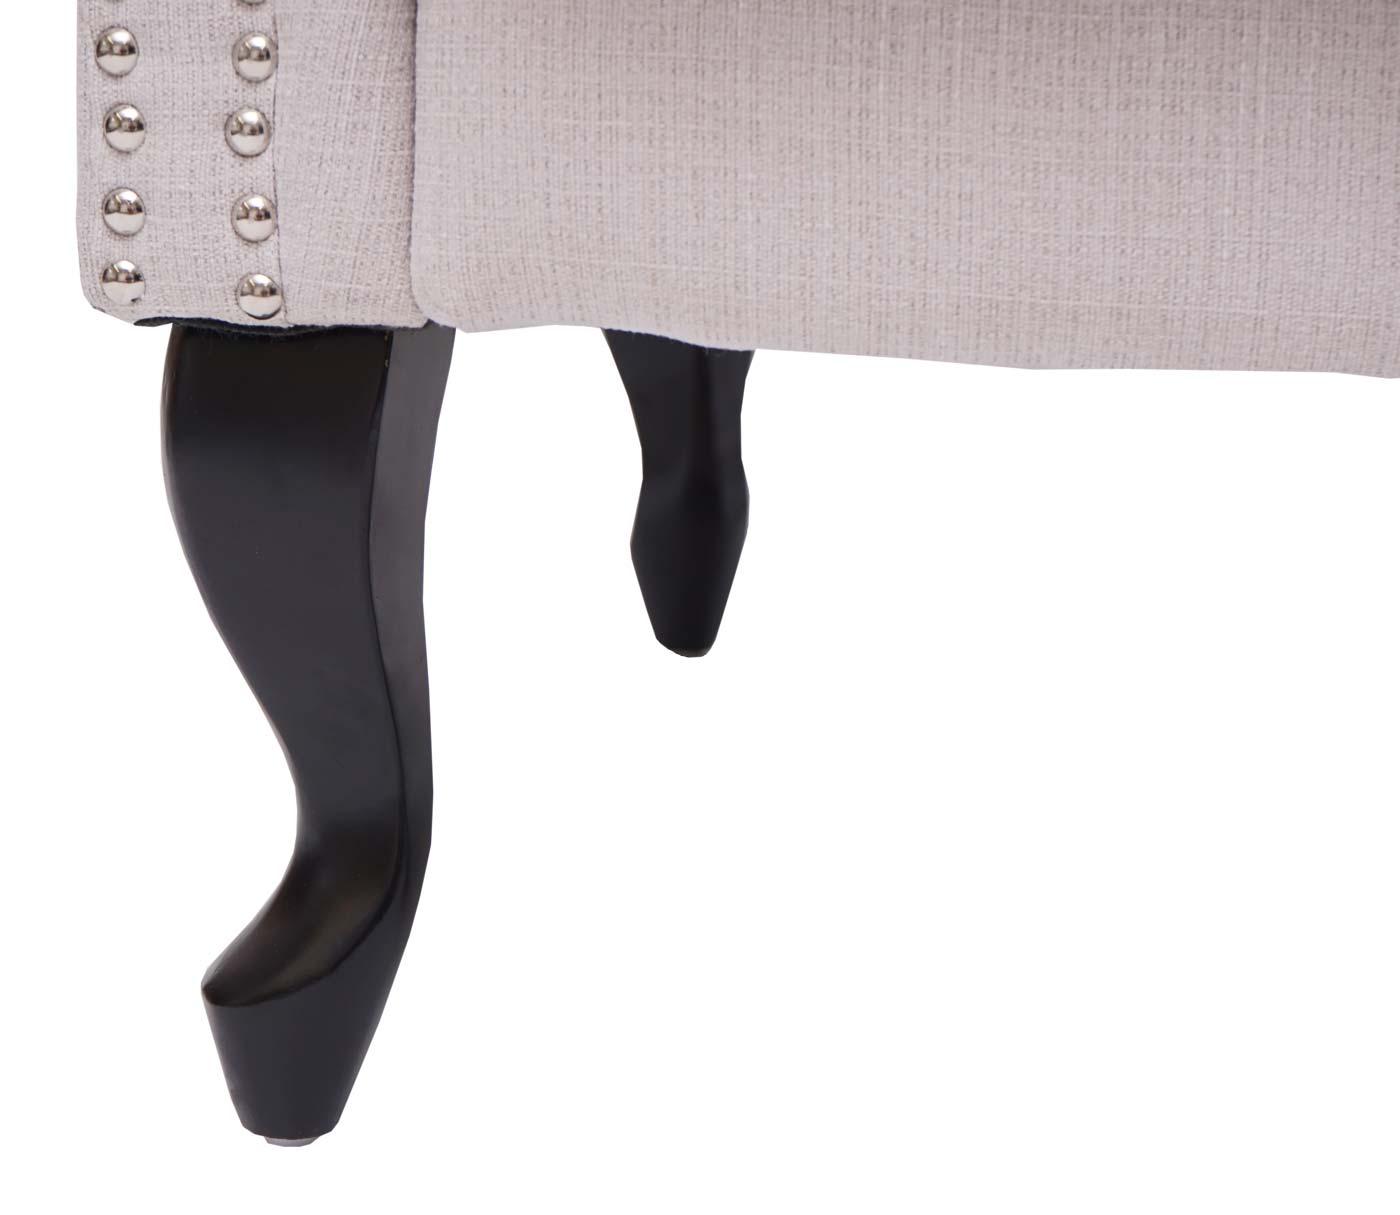 Chesterfield Sessel+Ottomane Detailbild Fuß